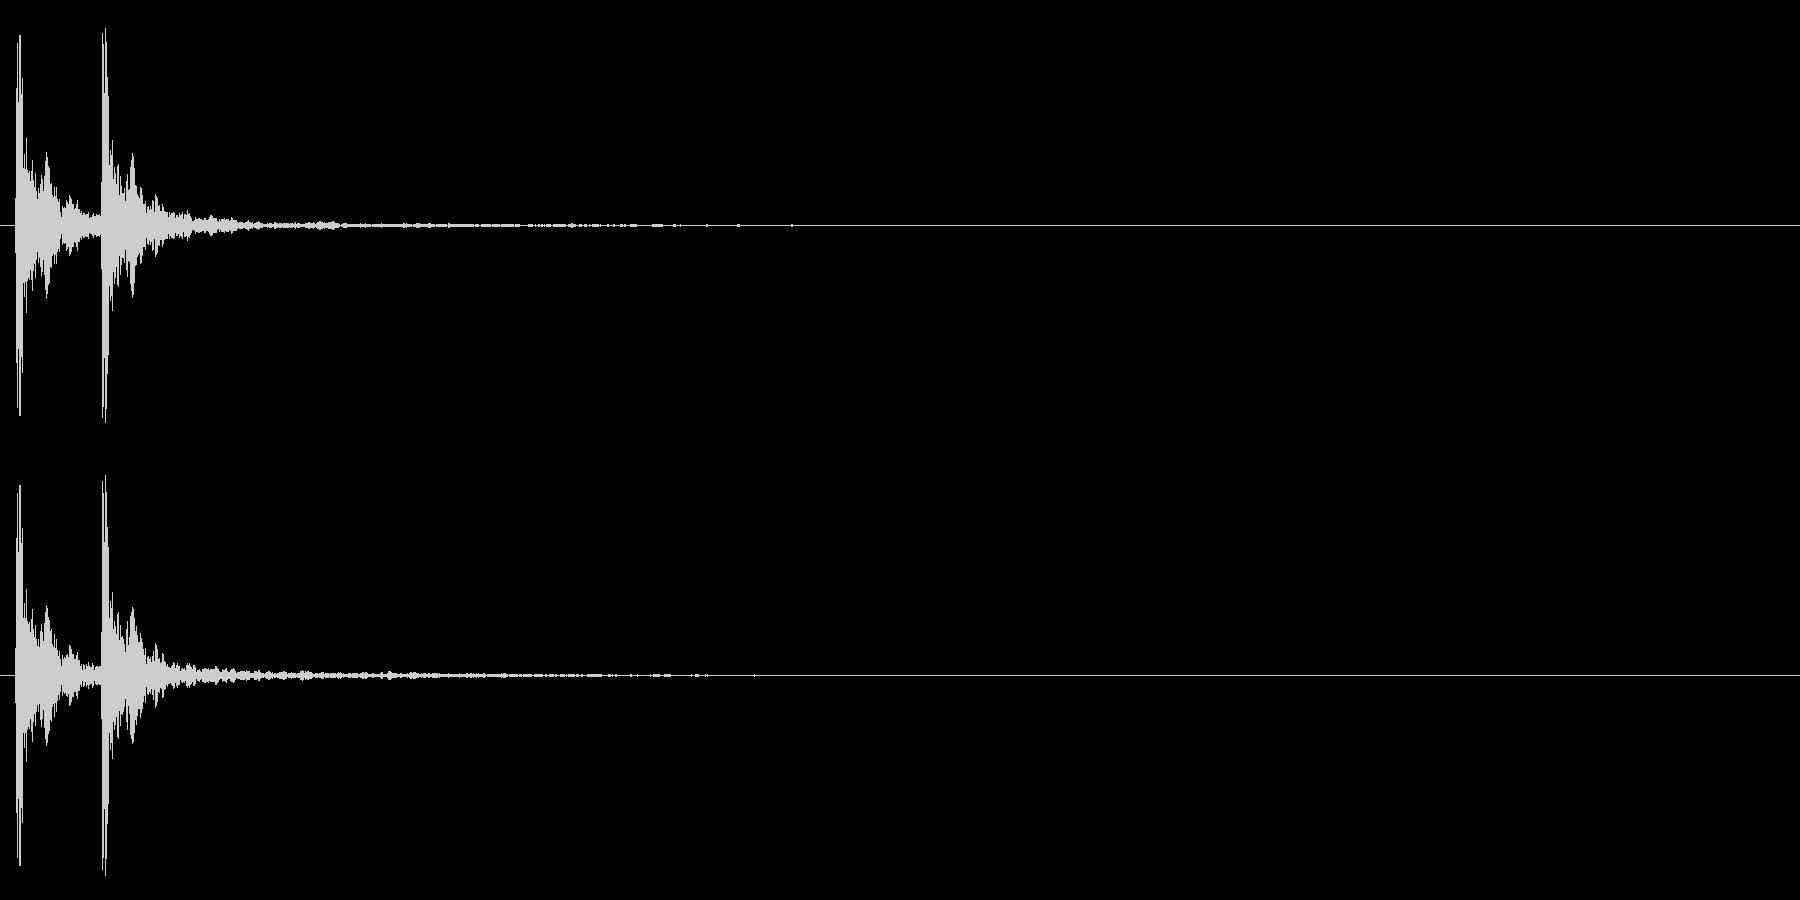 音侍「カカン」歌舞伎の拍子木の音リバーブの未再生の波形